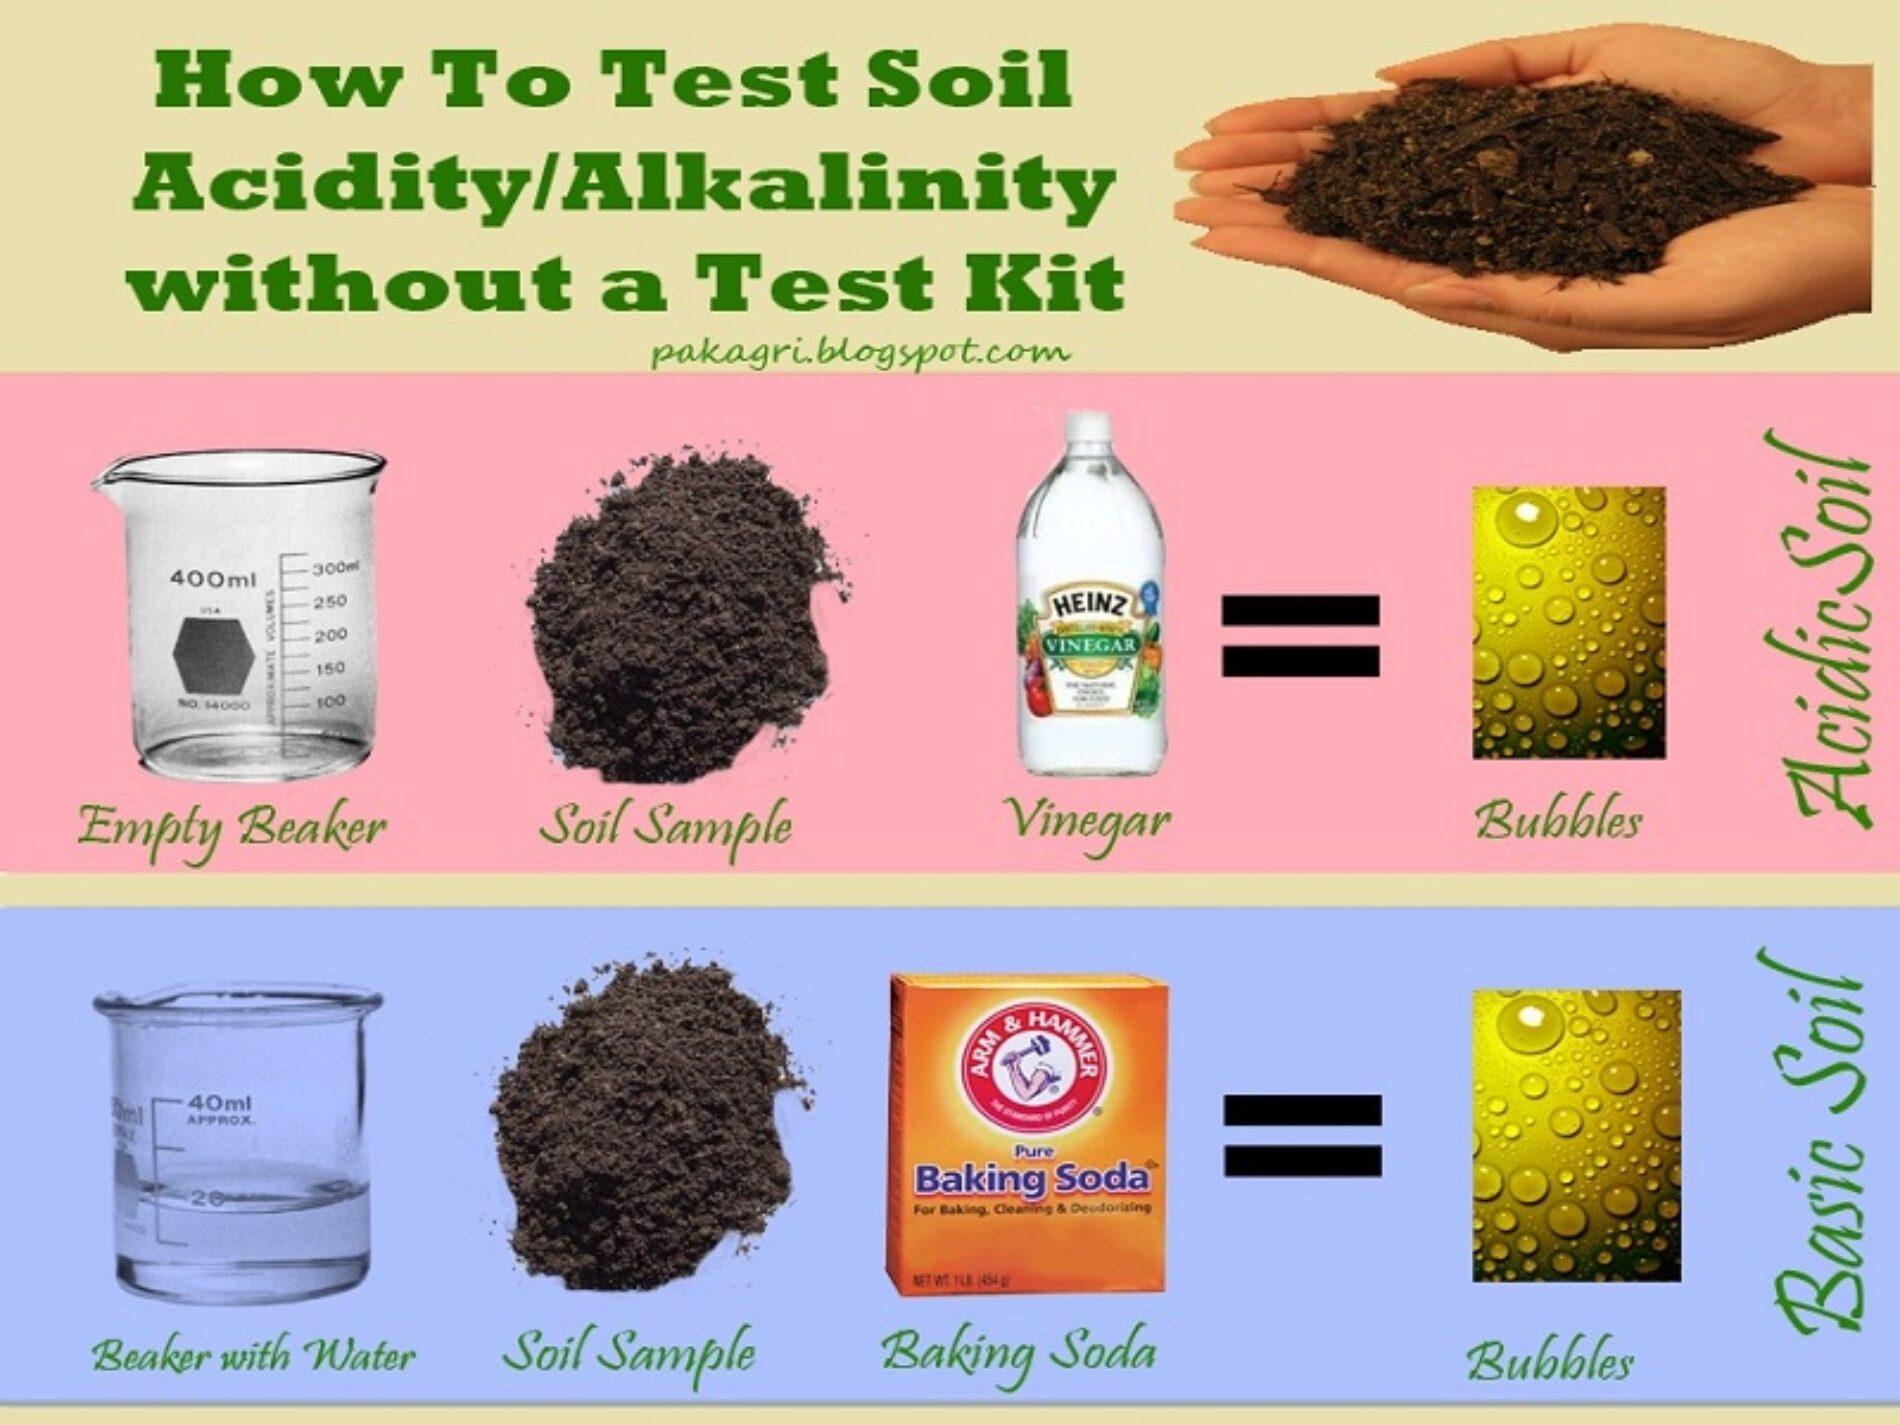 Προσδιορισμός του pH του εδάφους χωρίς τη χρήση του test kit